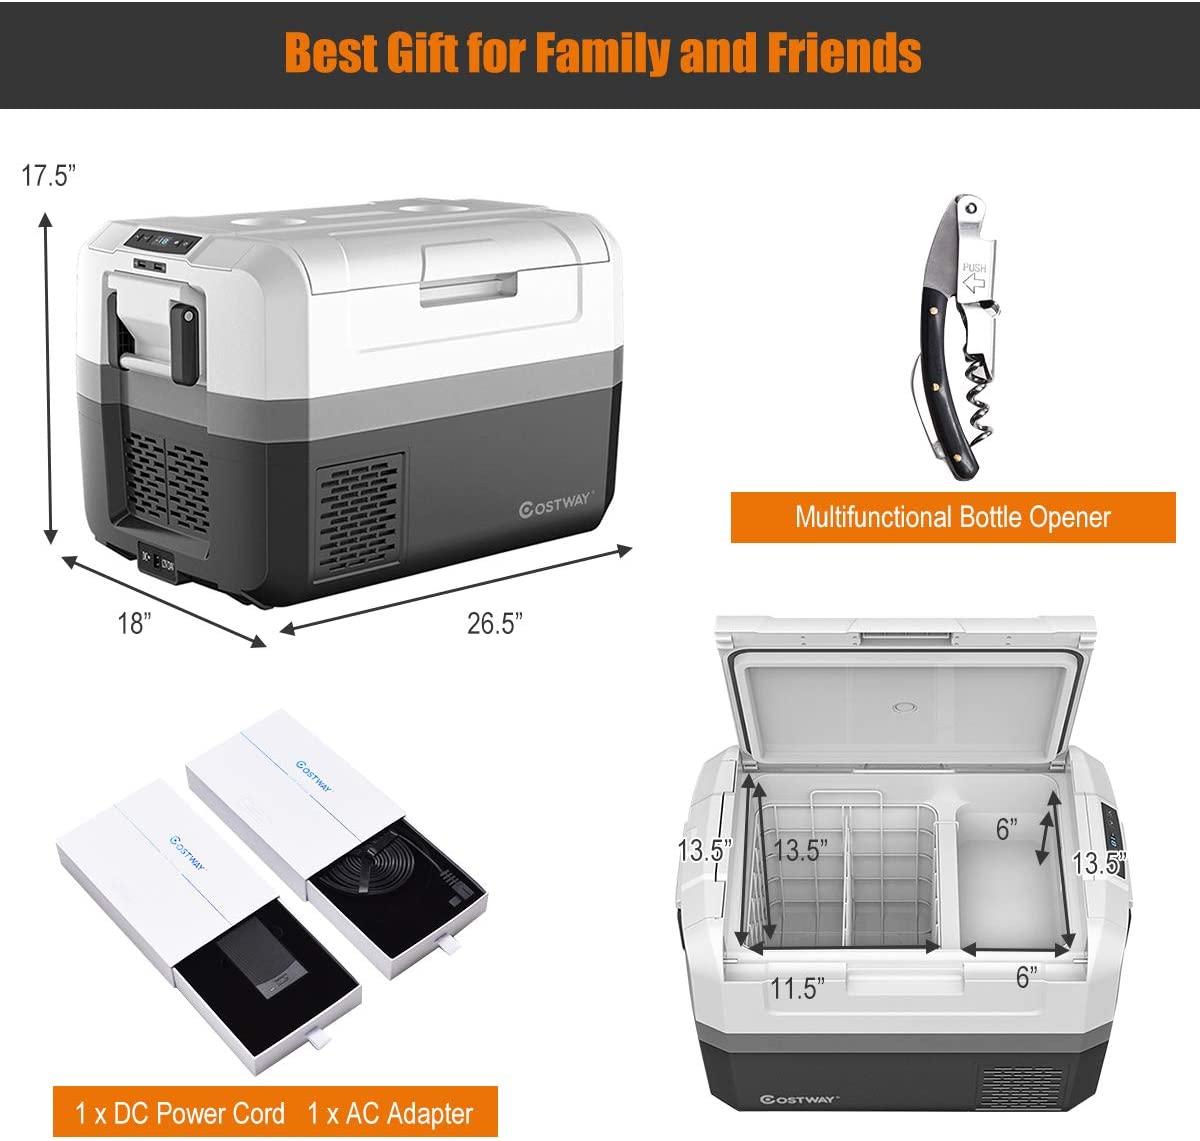 COSTWAY Portable Car Refrigerator Specs